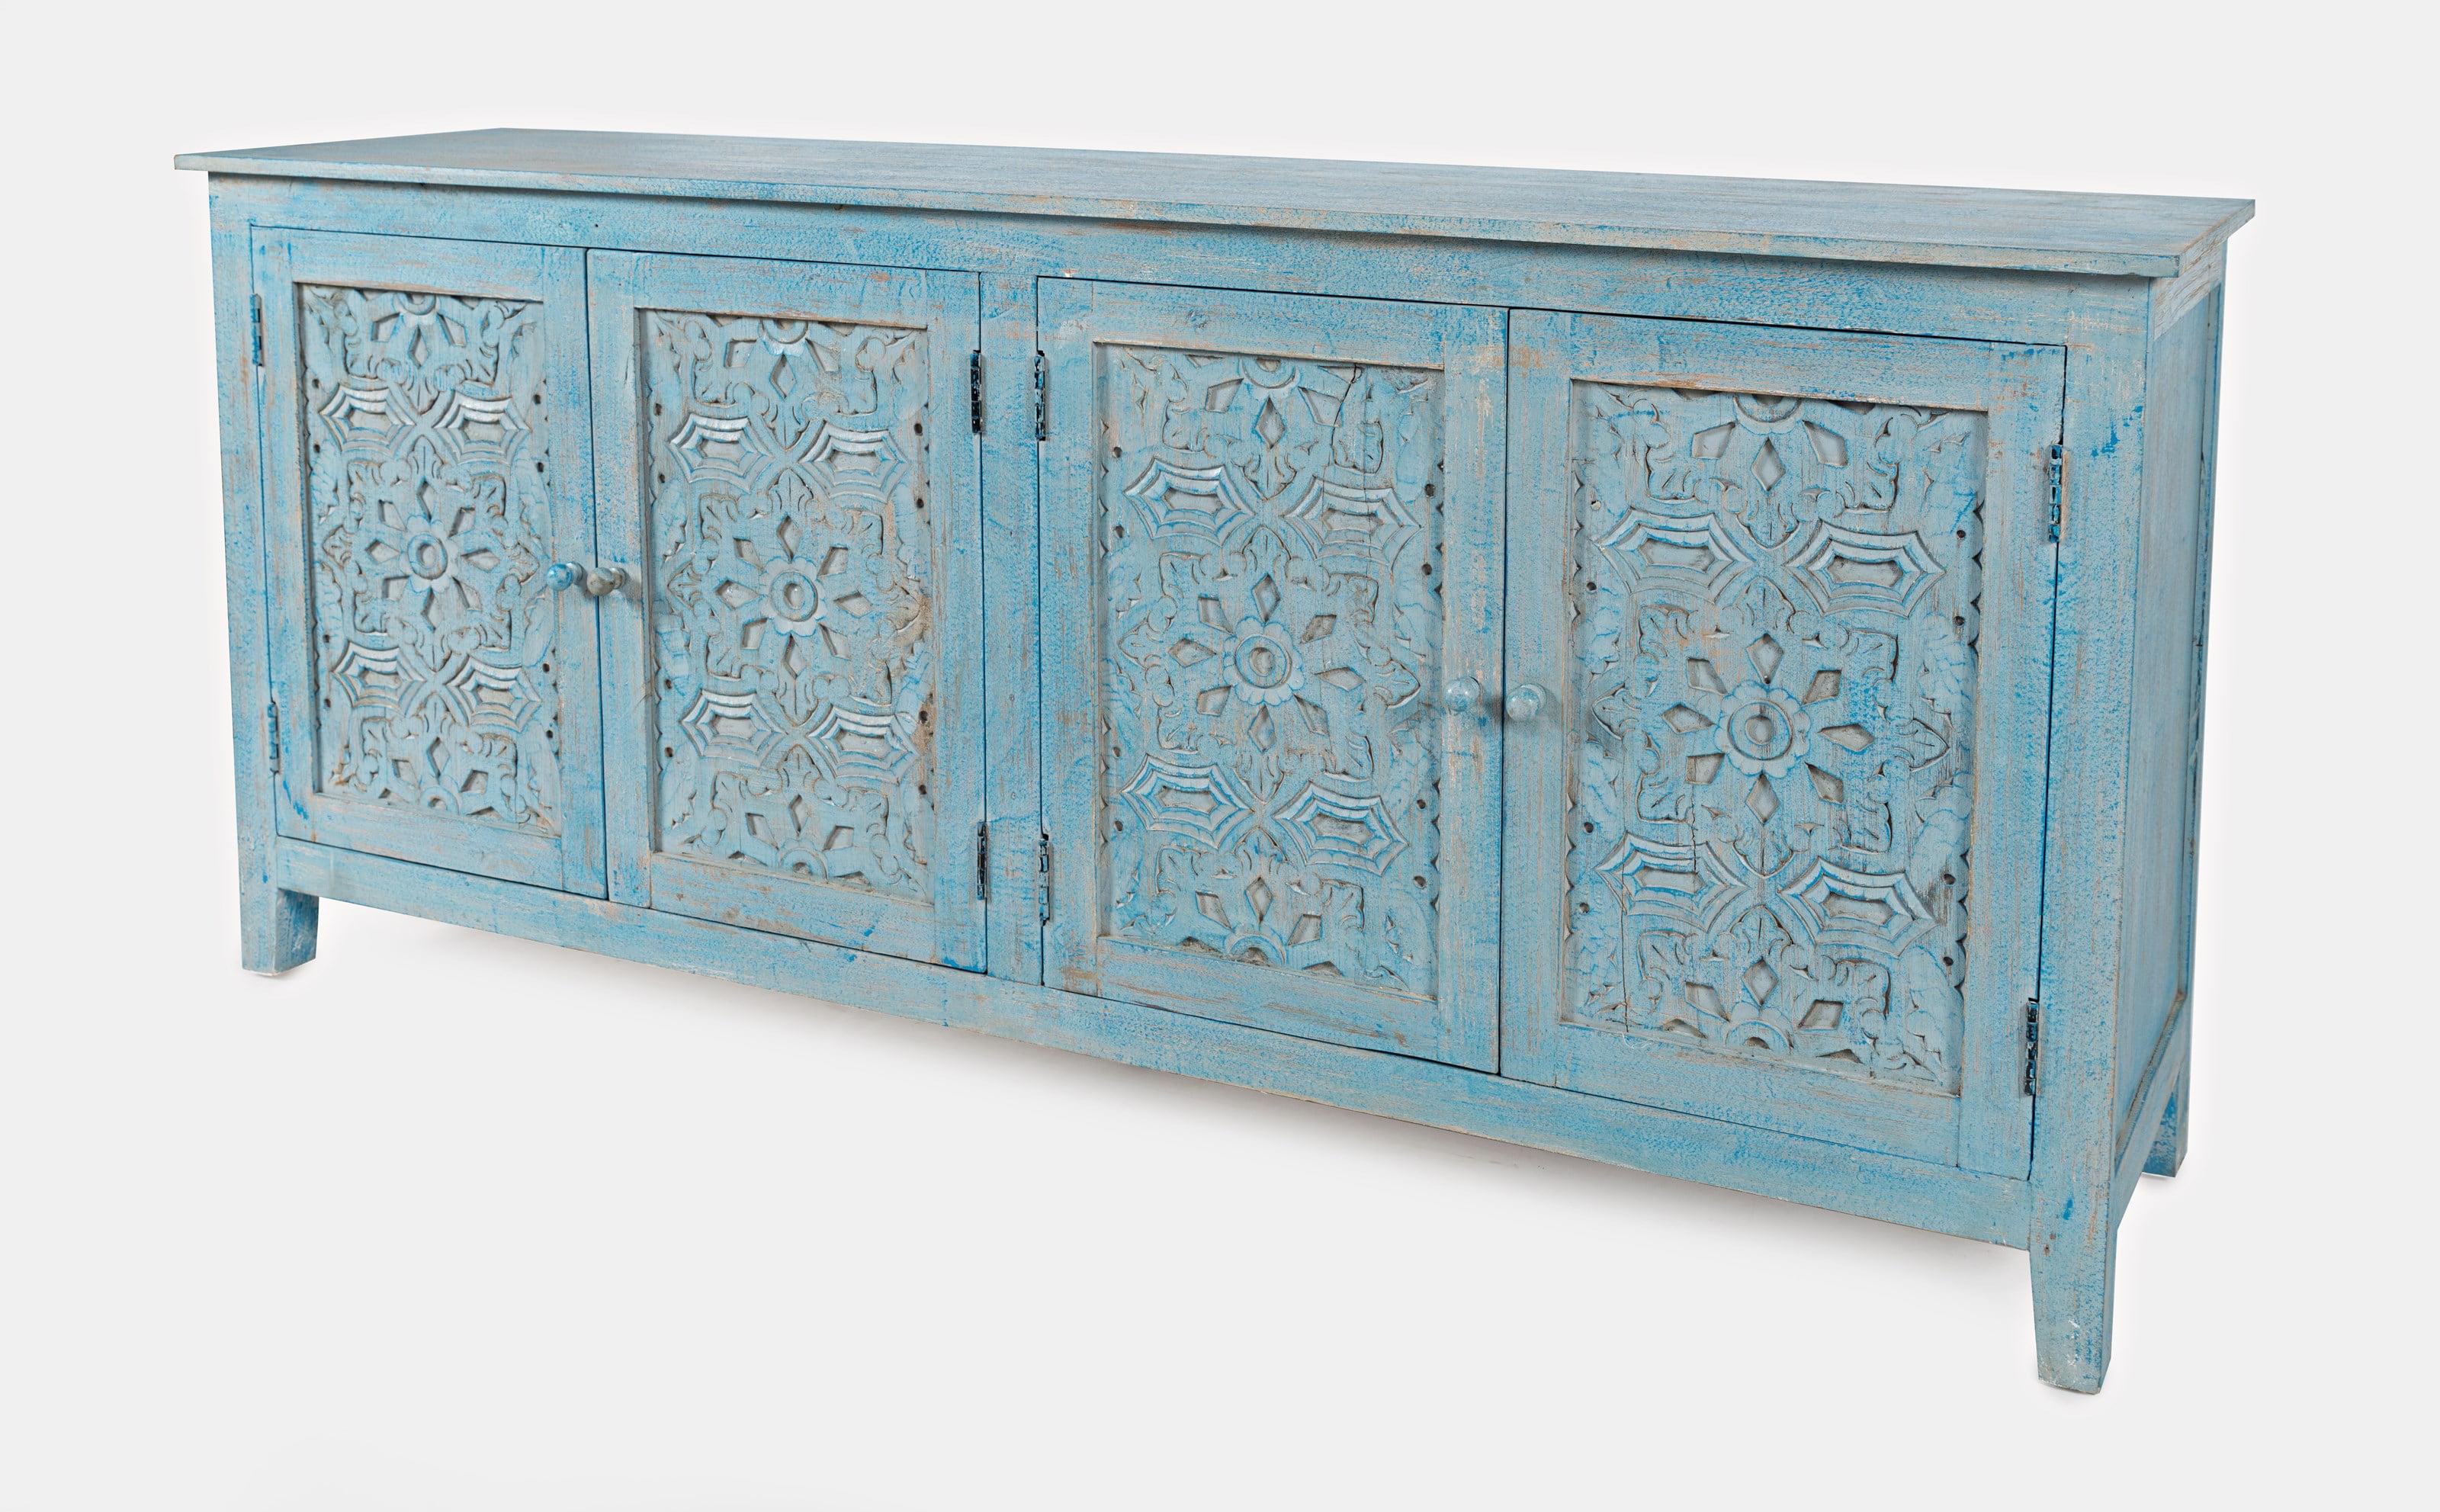 Chloe 4 Door Accent Cabinet, Distressed Blue - Walmart.com